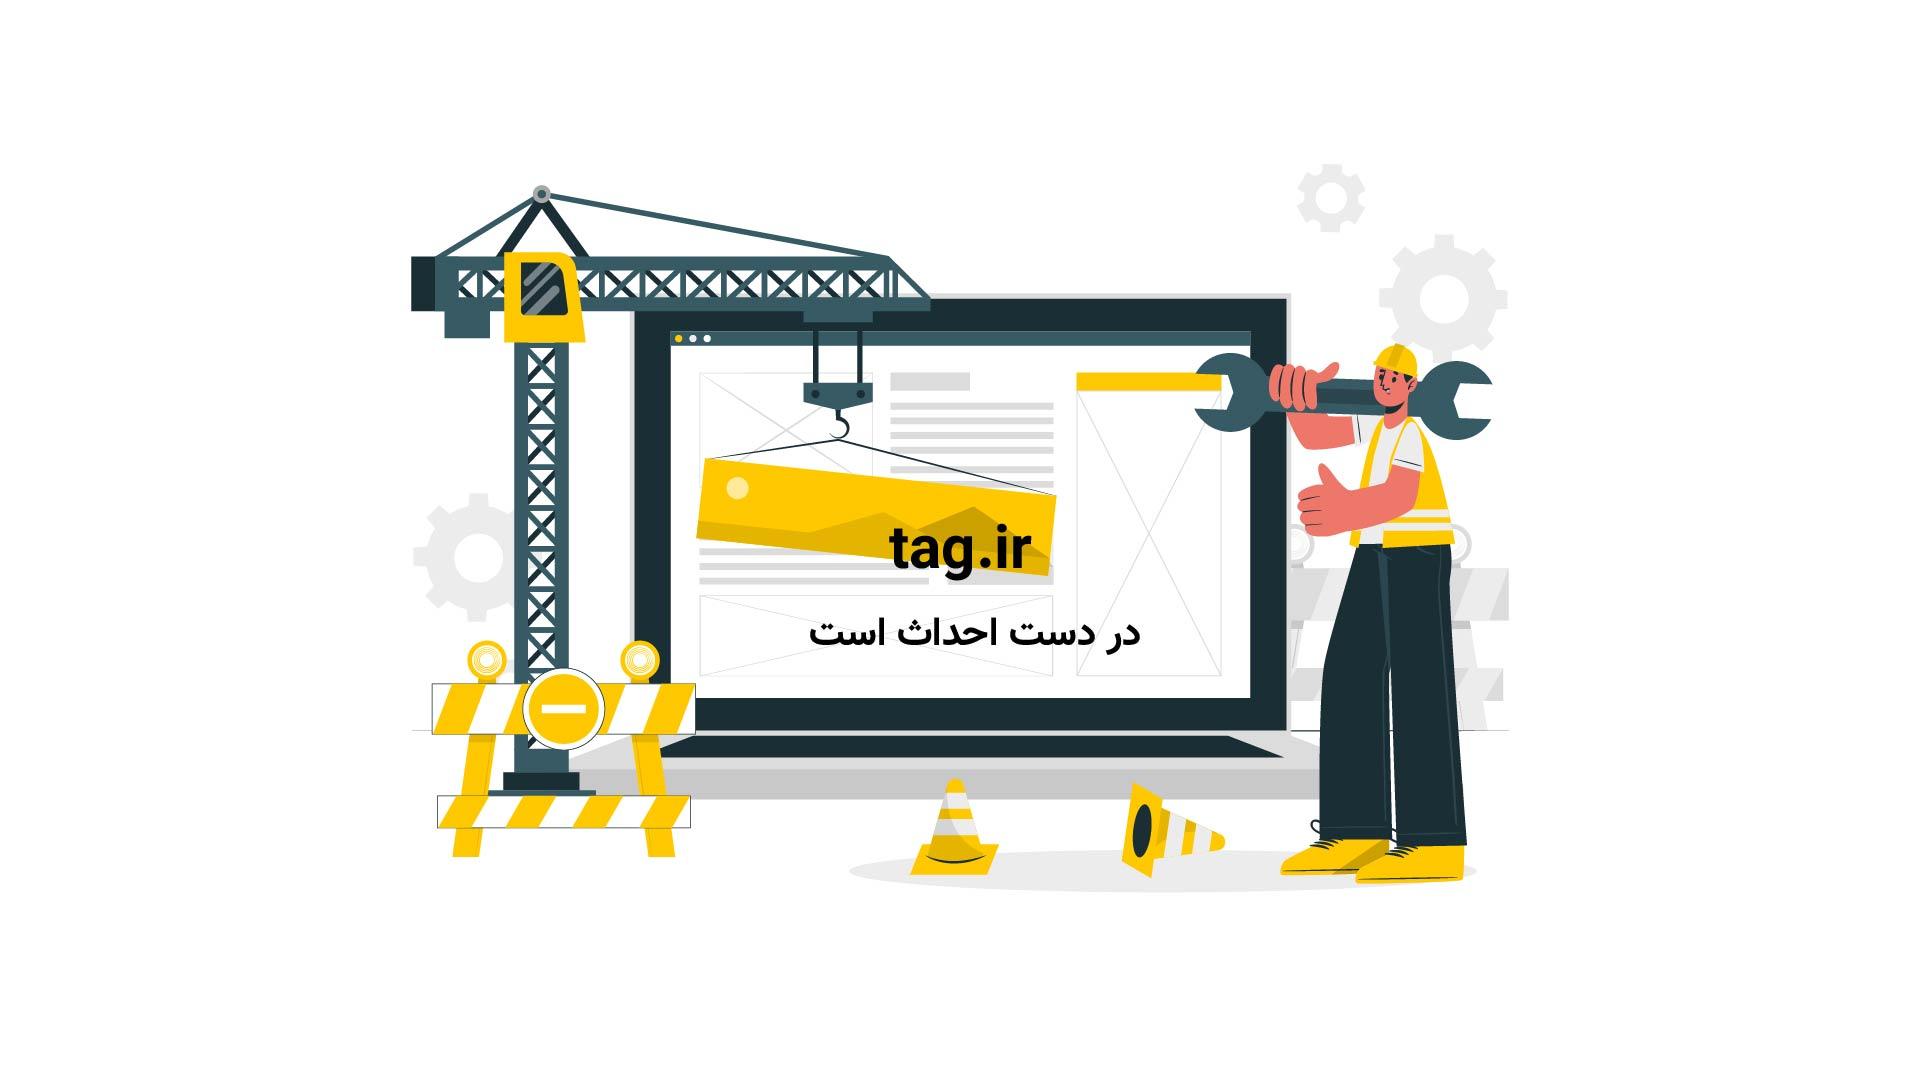 ورود پیکر مطهر شهید حججی به مشهد مقدس برای طواف در حرم امام رضا (ع) | فیلم